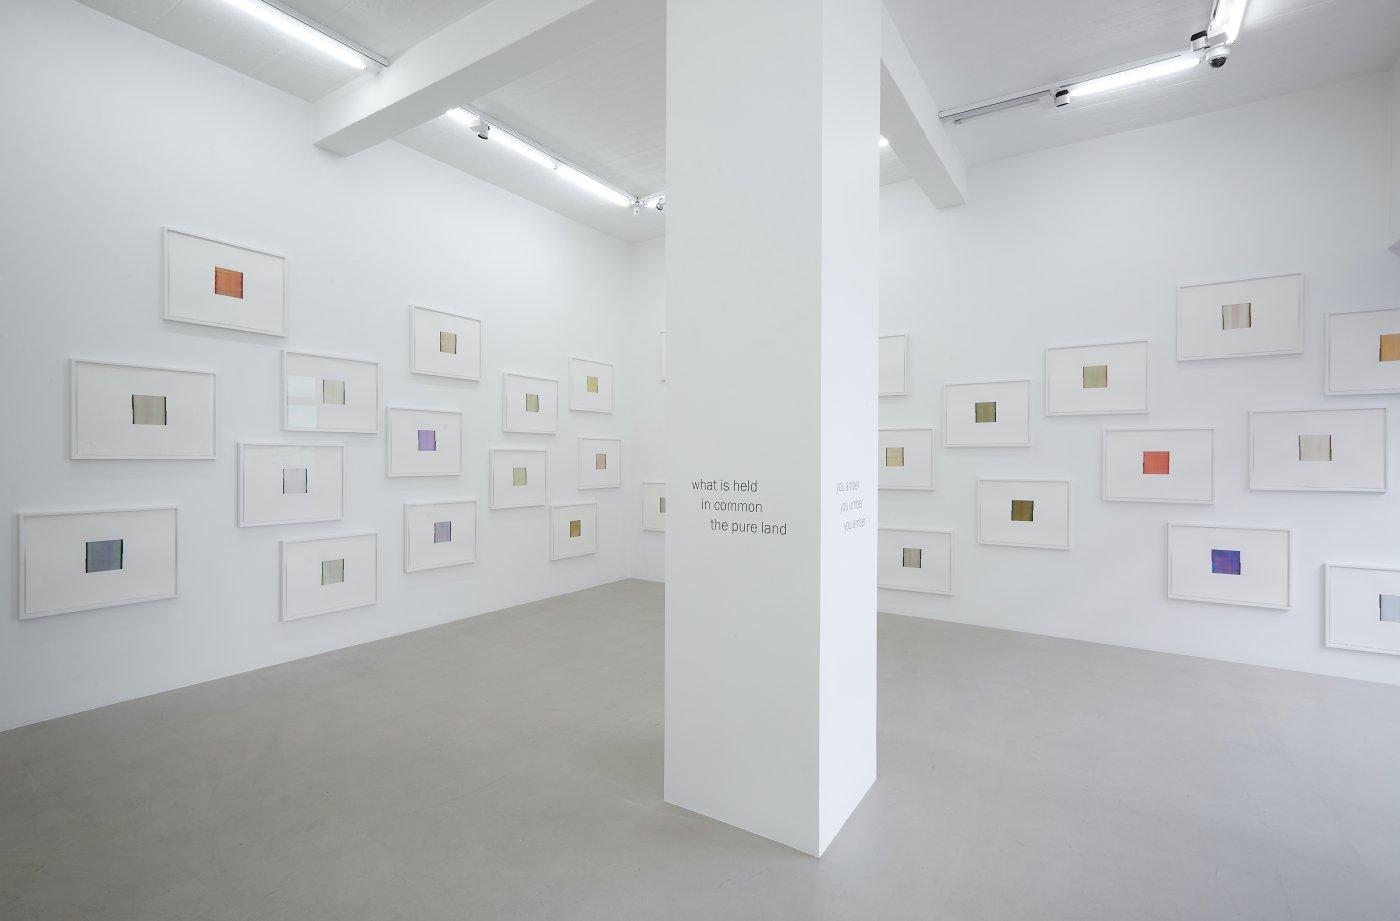 i8 Gallery Callum Innes 3